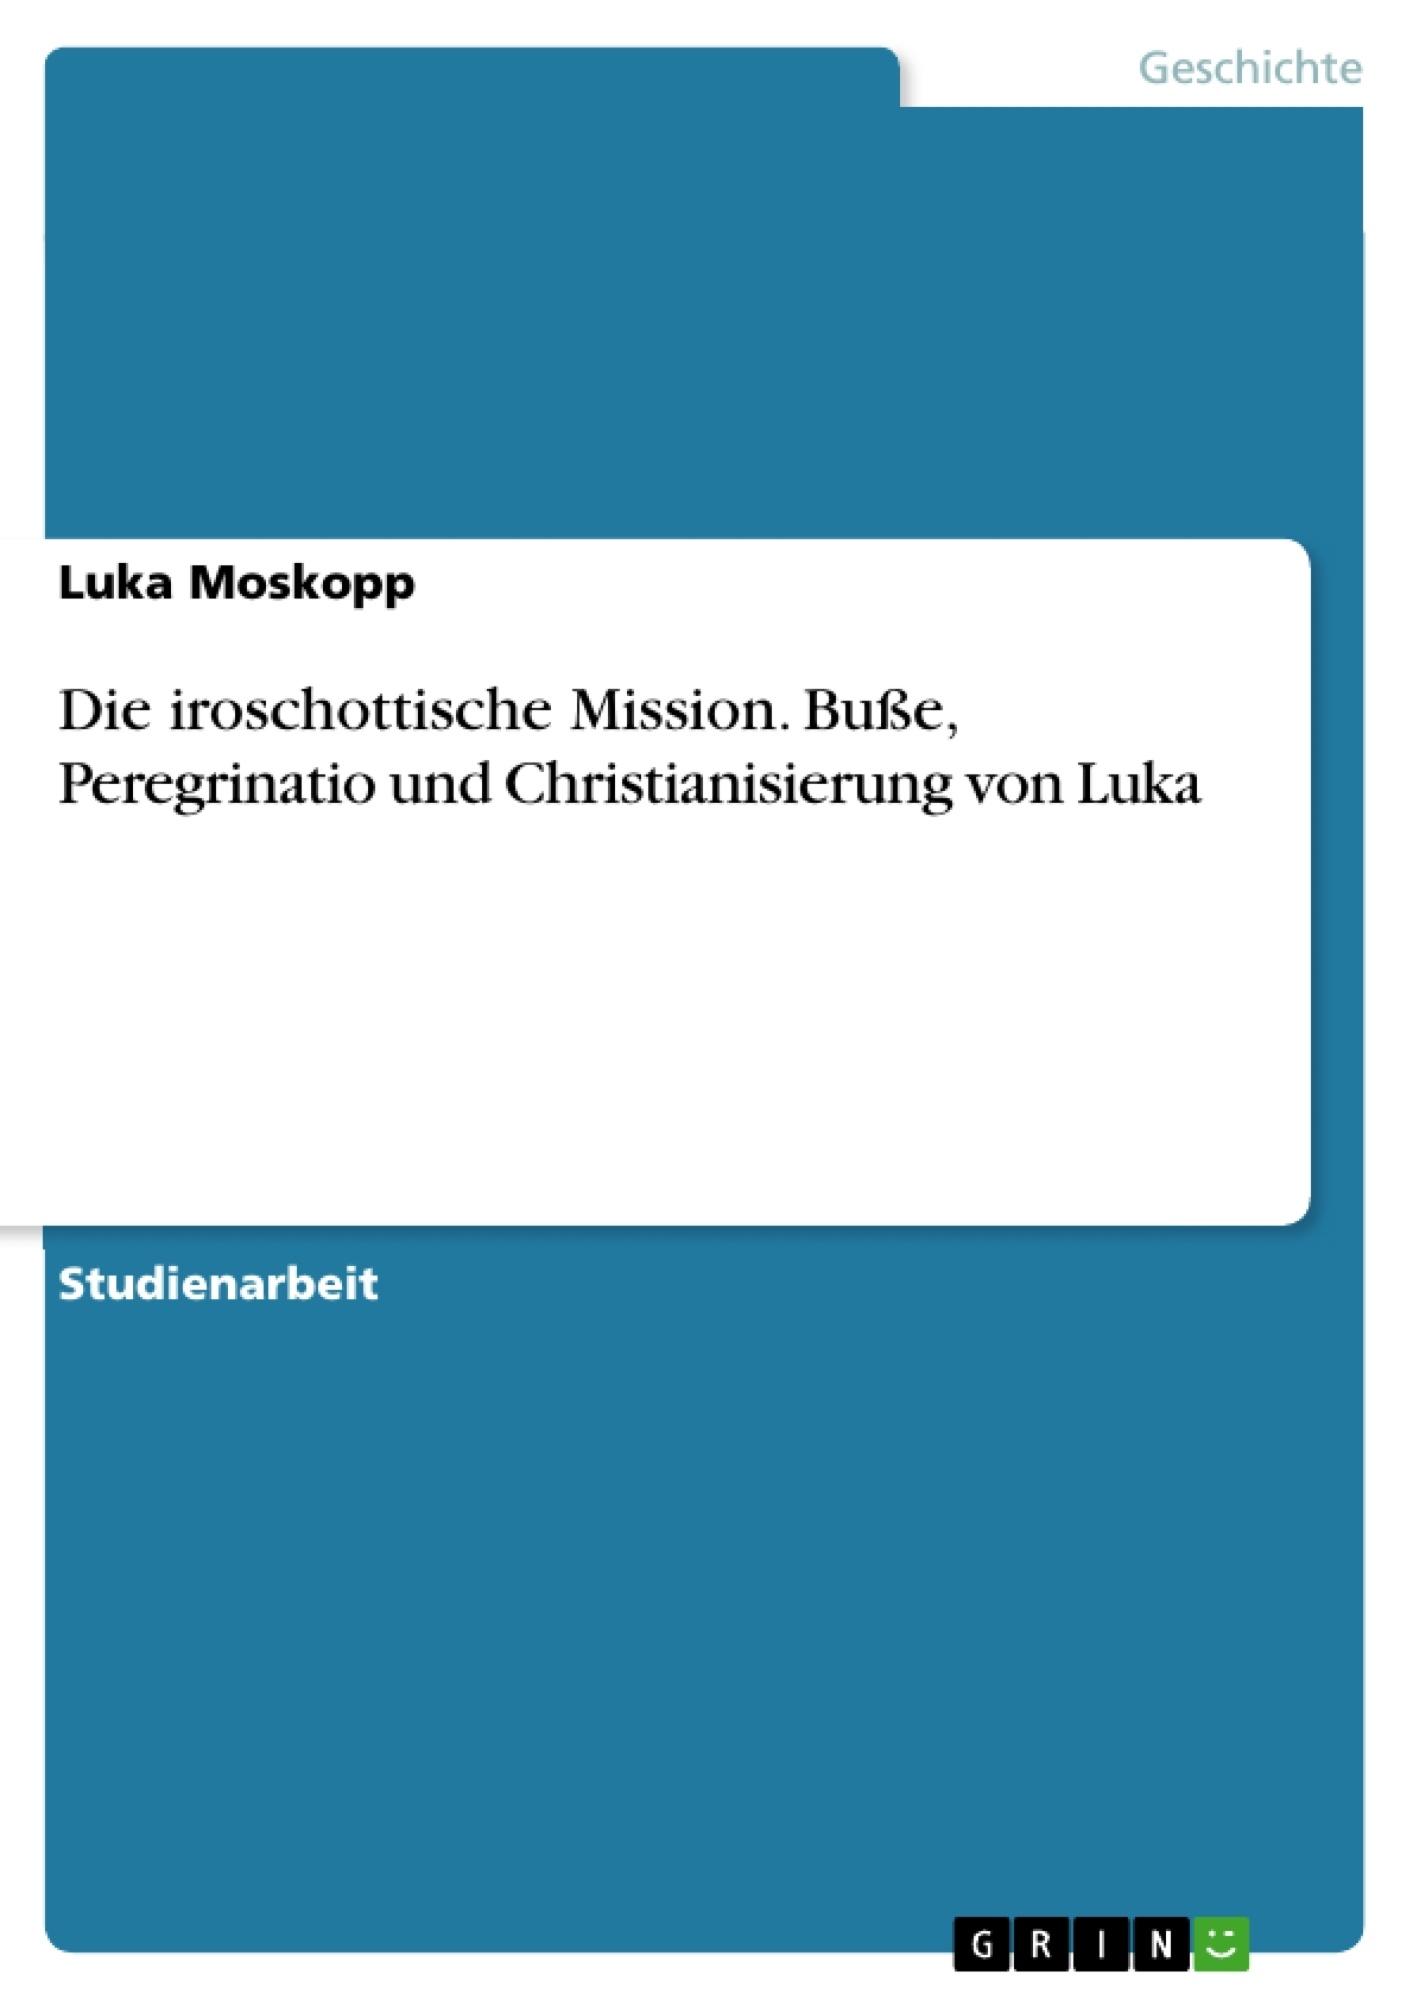 Titel: Die iroschottische Mission. Buße, Peregrinatio und Christianisierung von Luka